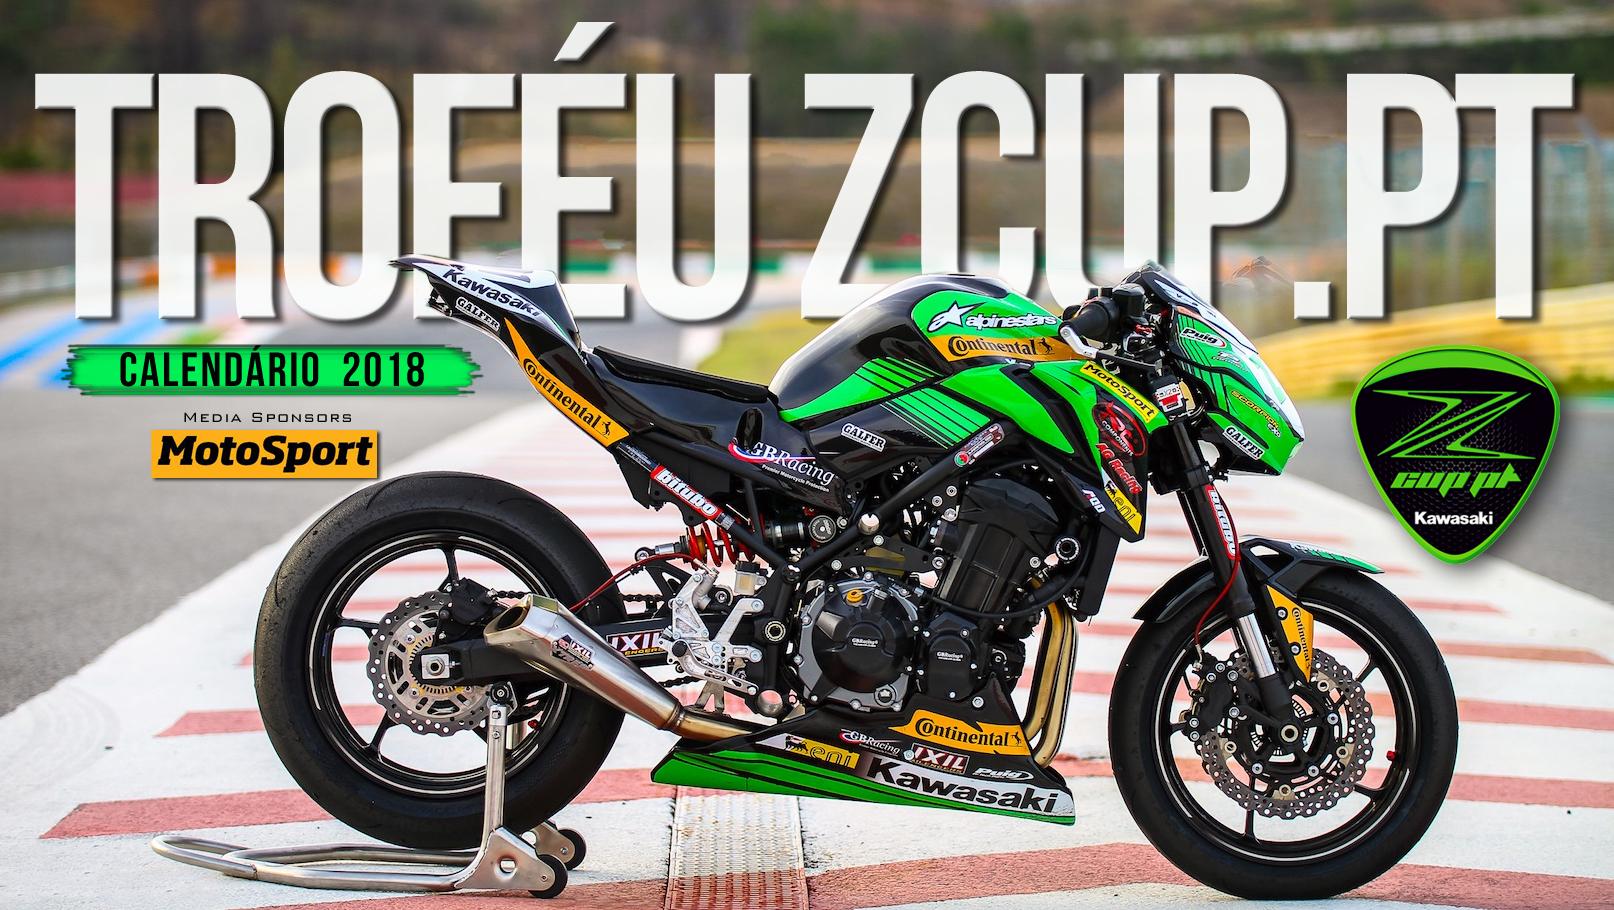 MotoSport renova apoio como Media Partner do Troféu Kawasaki ZCUP.PT em 2018